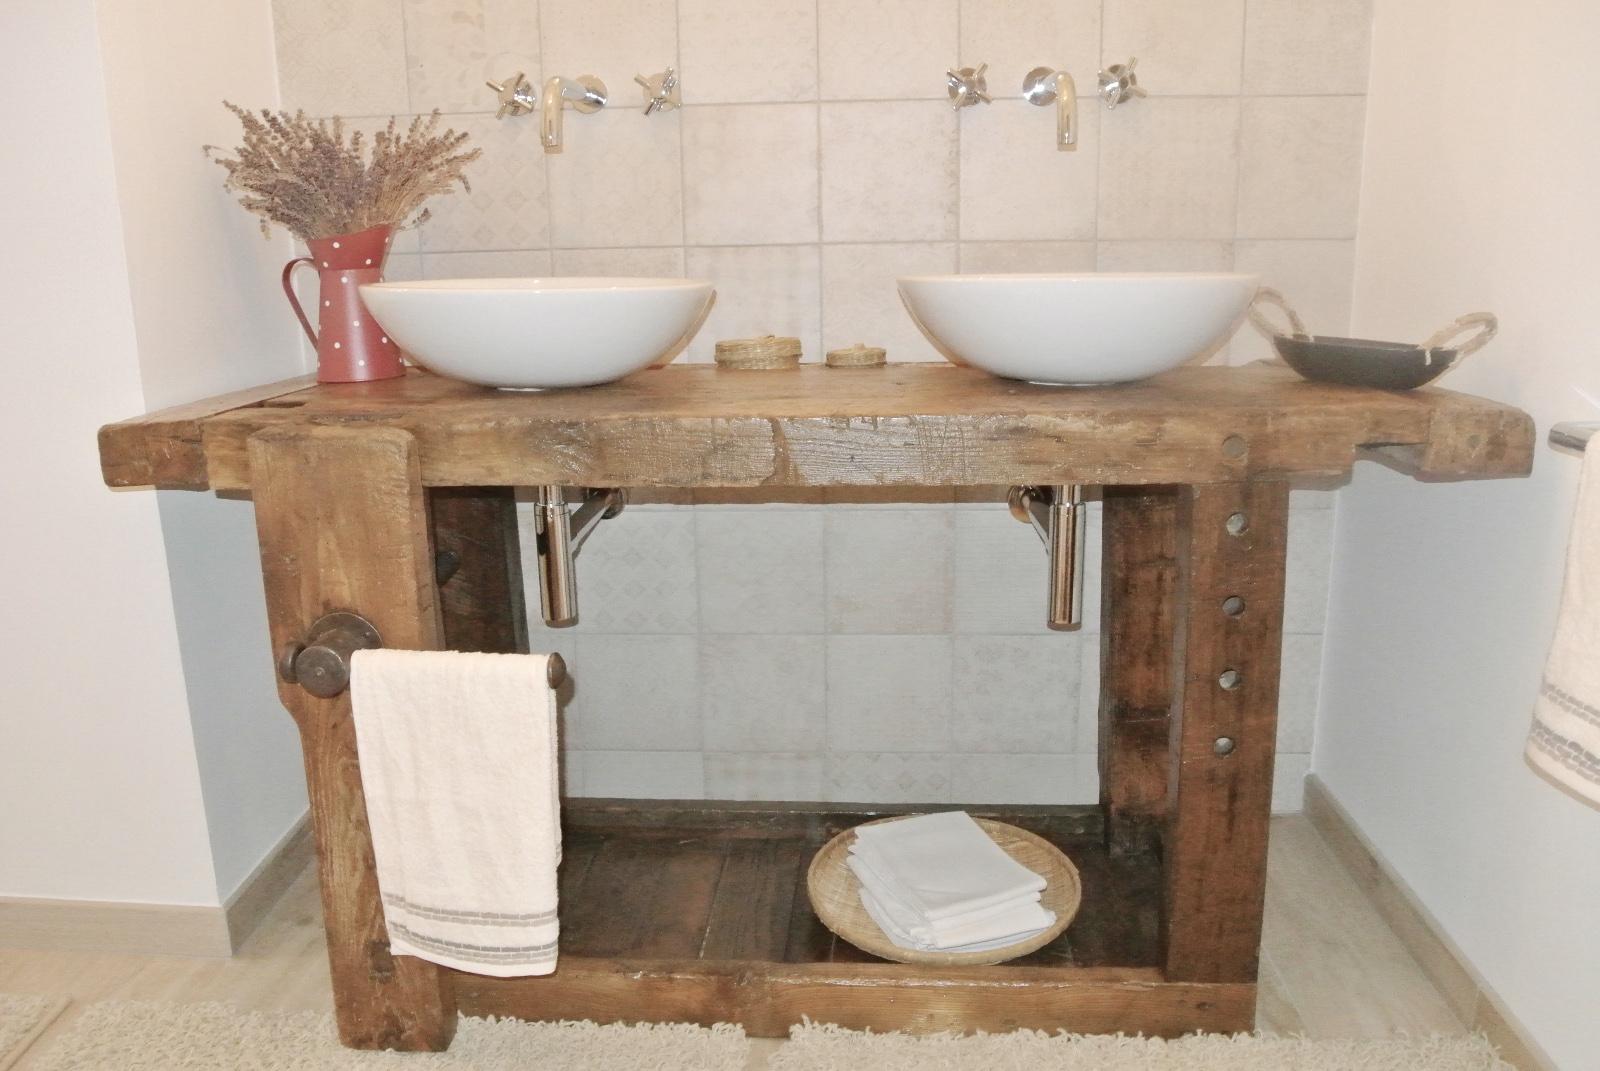 Works sintesibagno progetto e realizzazione arredobagno bagno provenzale - Arredo bagno verbania ...